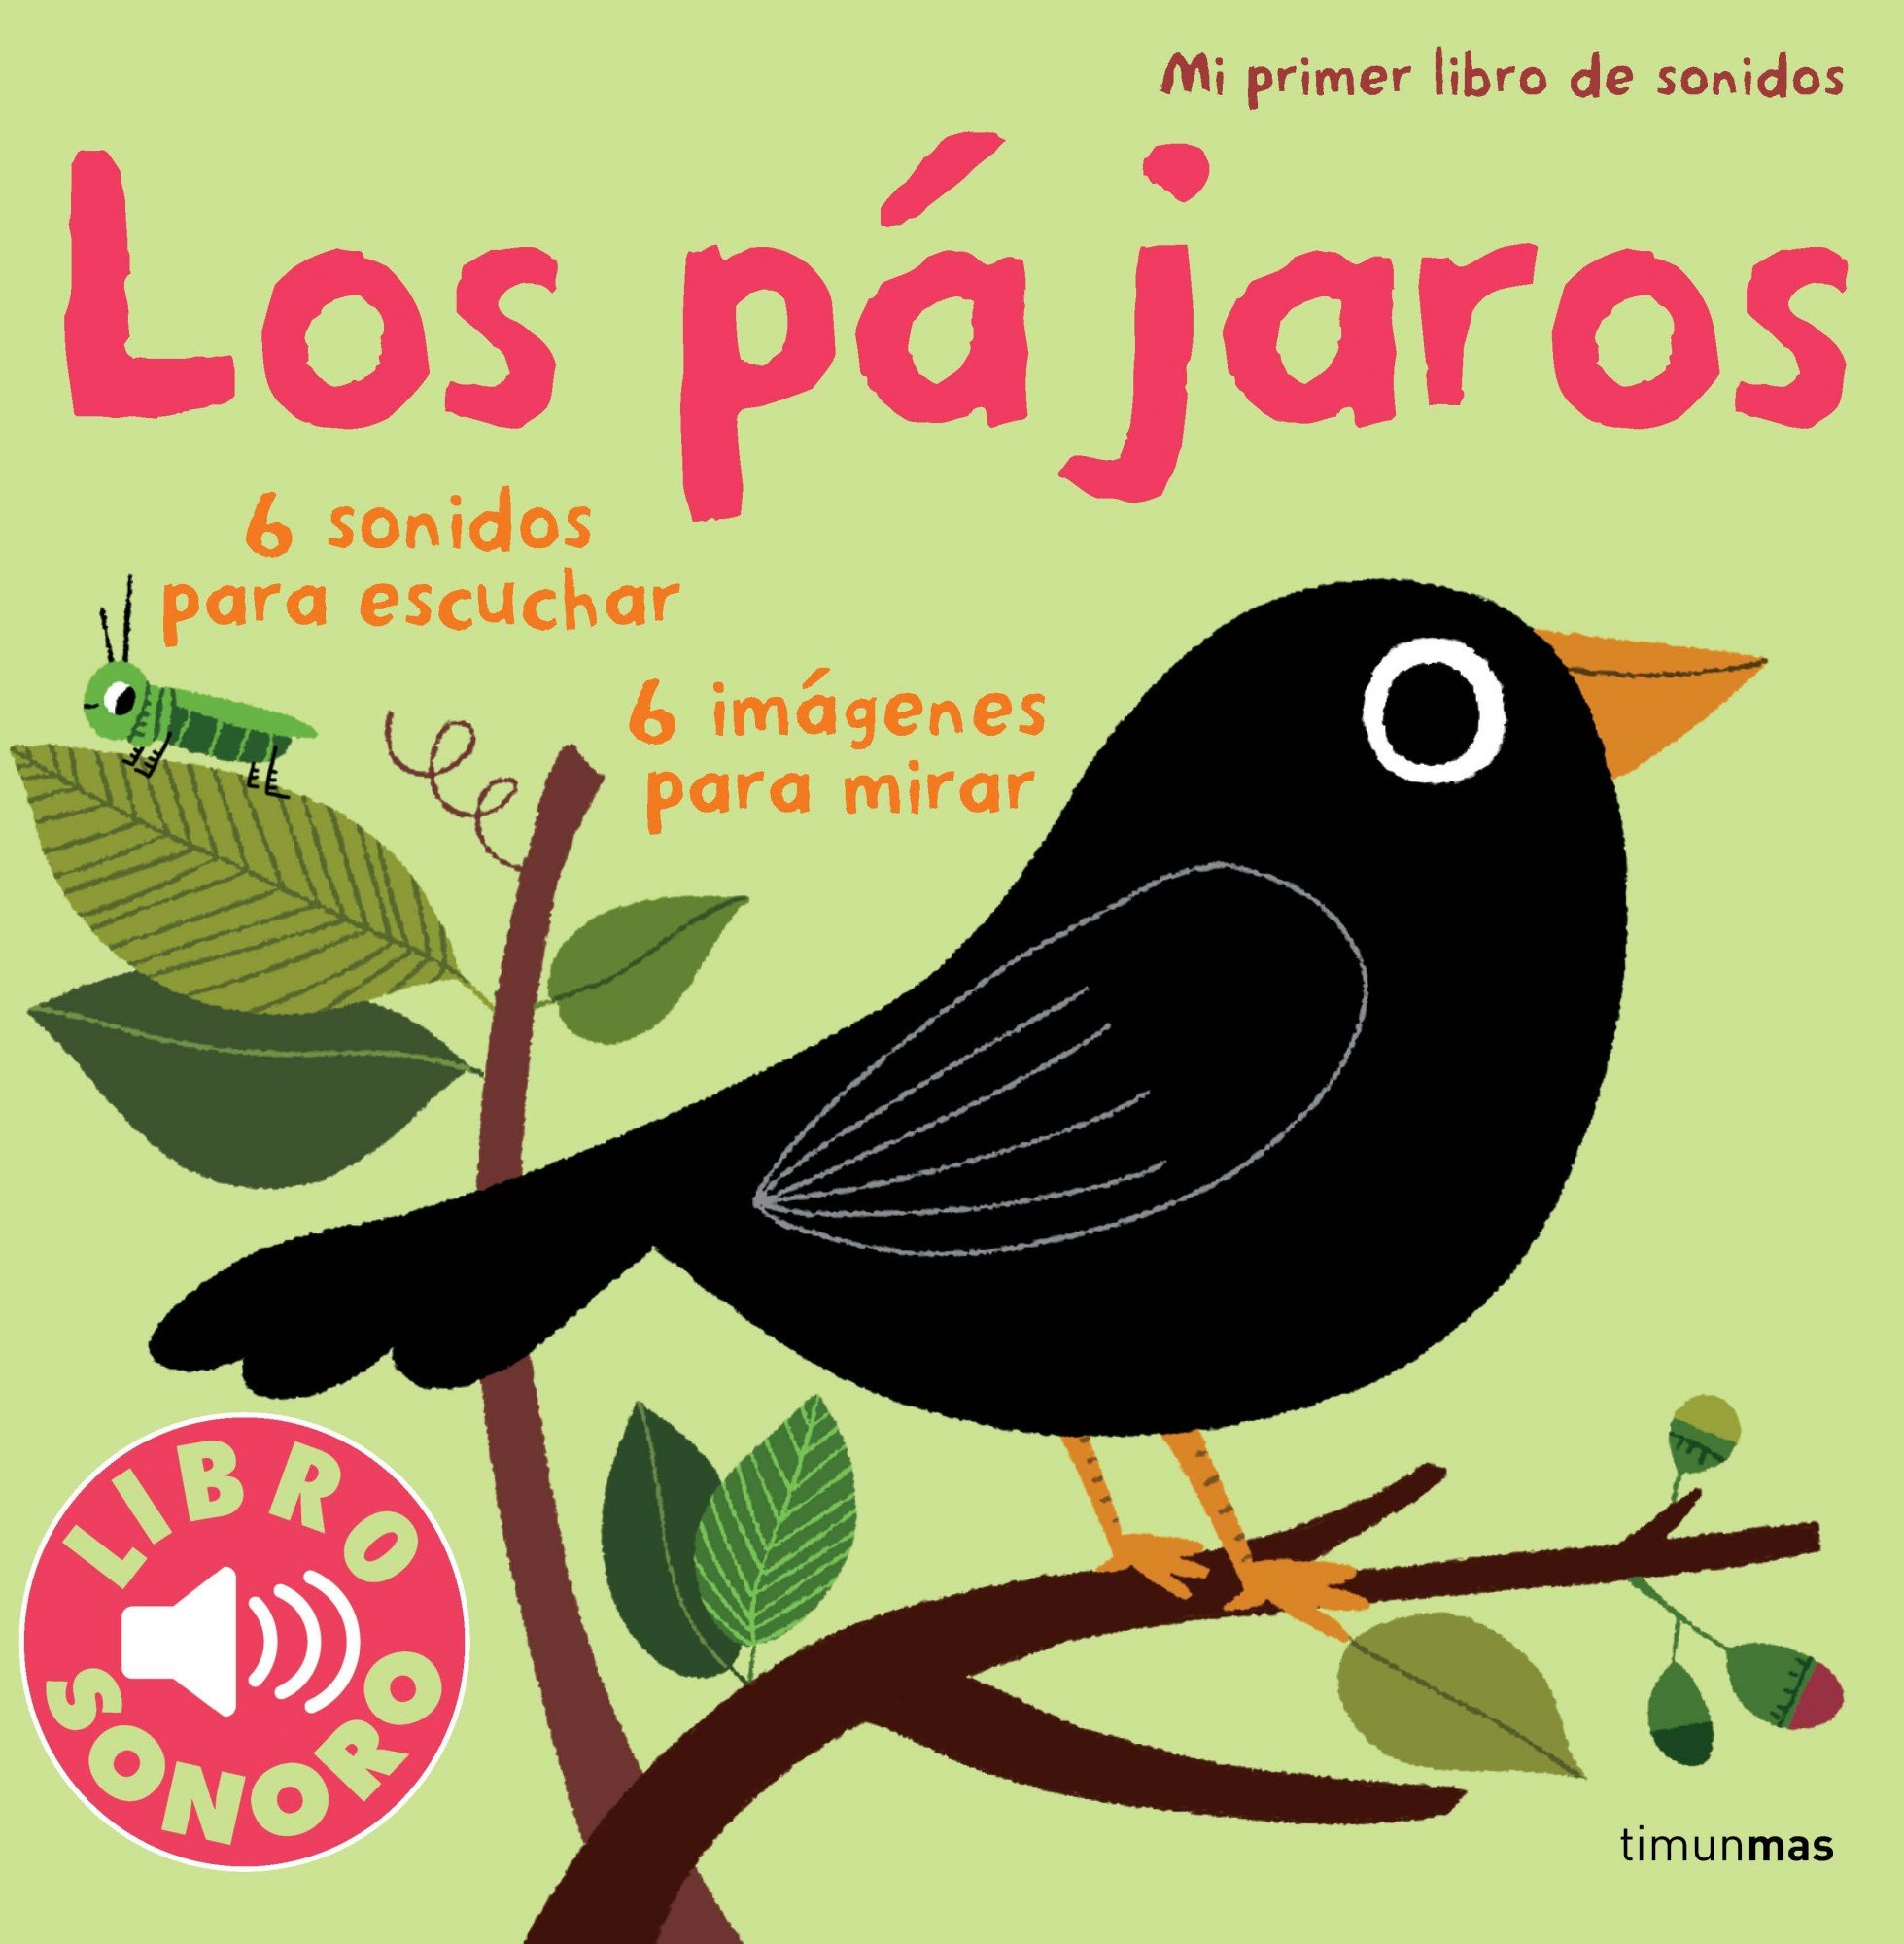 Los pájaros. Mi primer libro de sonidos Libros con sonido: Amazon.es: Billet, Marion: Libros